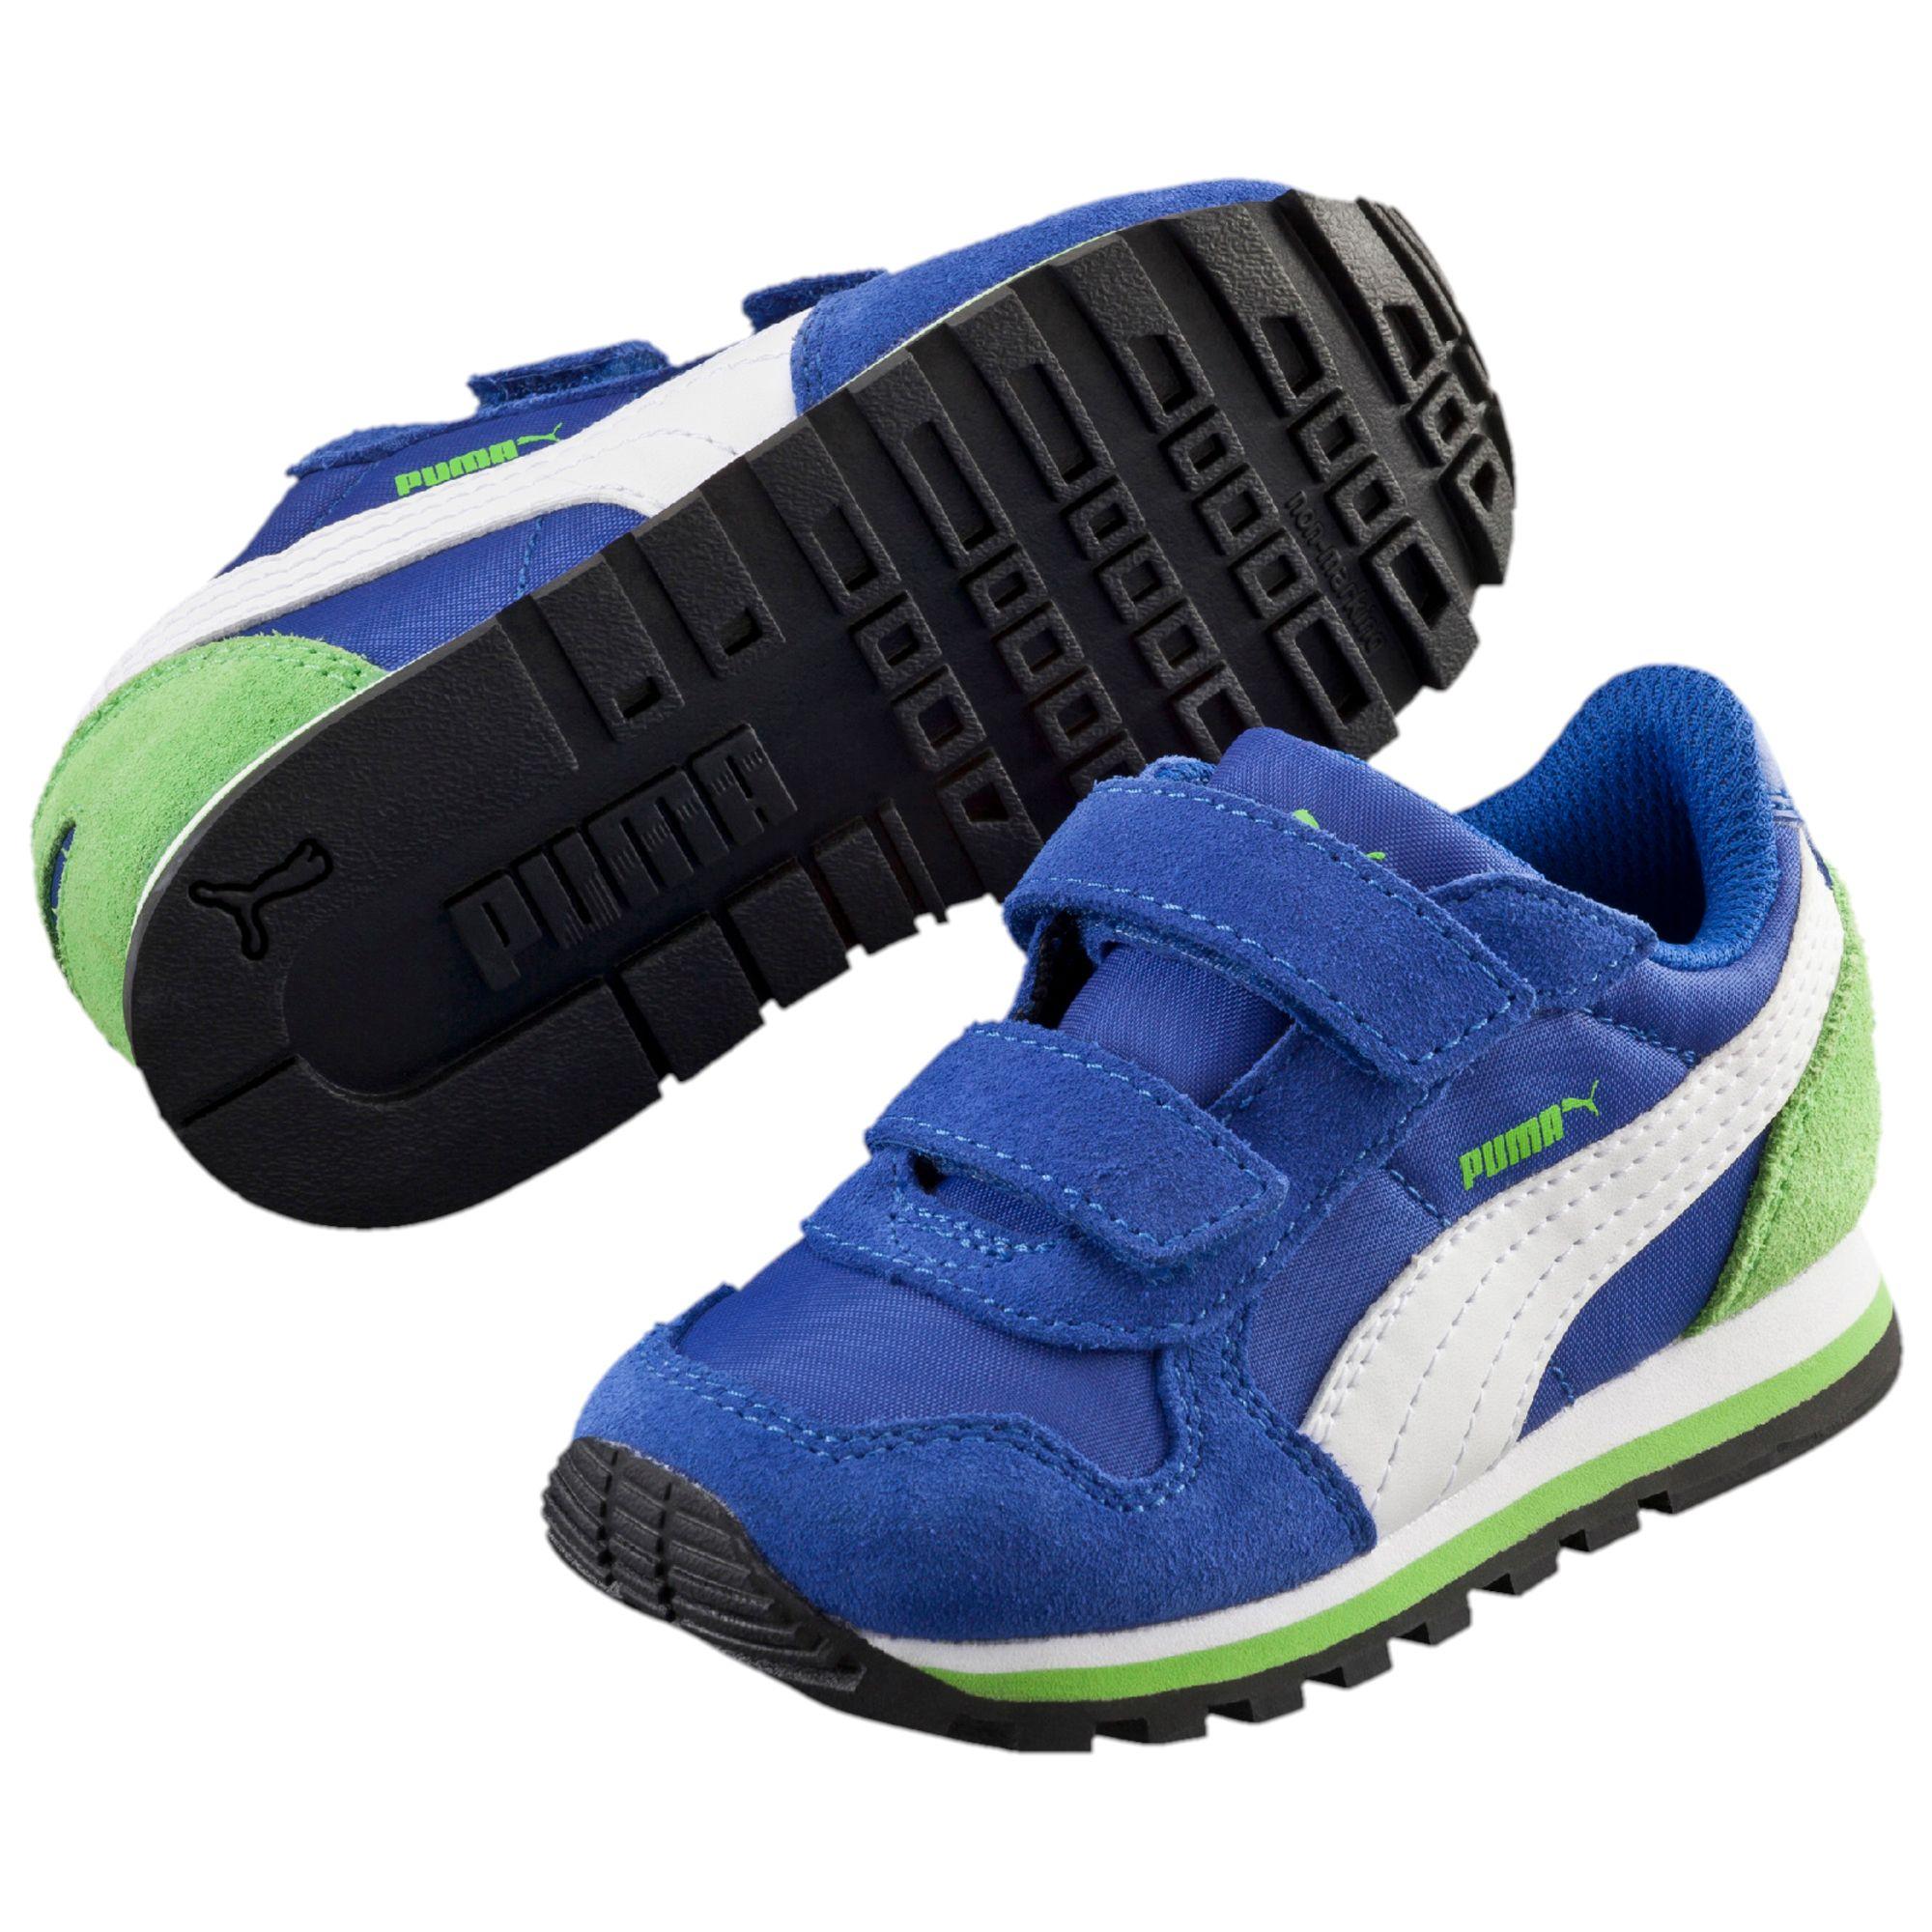 Calzature, scarpe e abbigliamento per bambinoCalzature